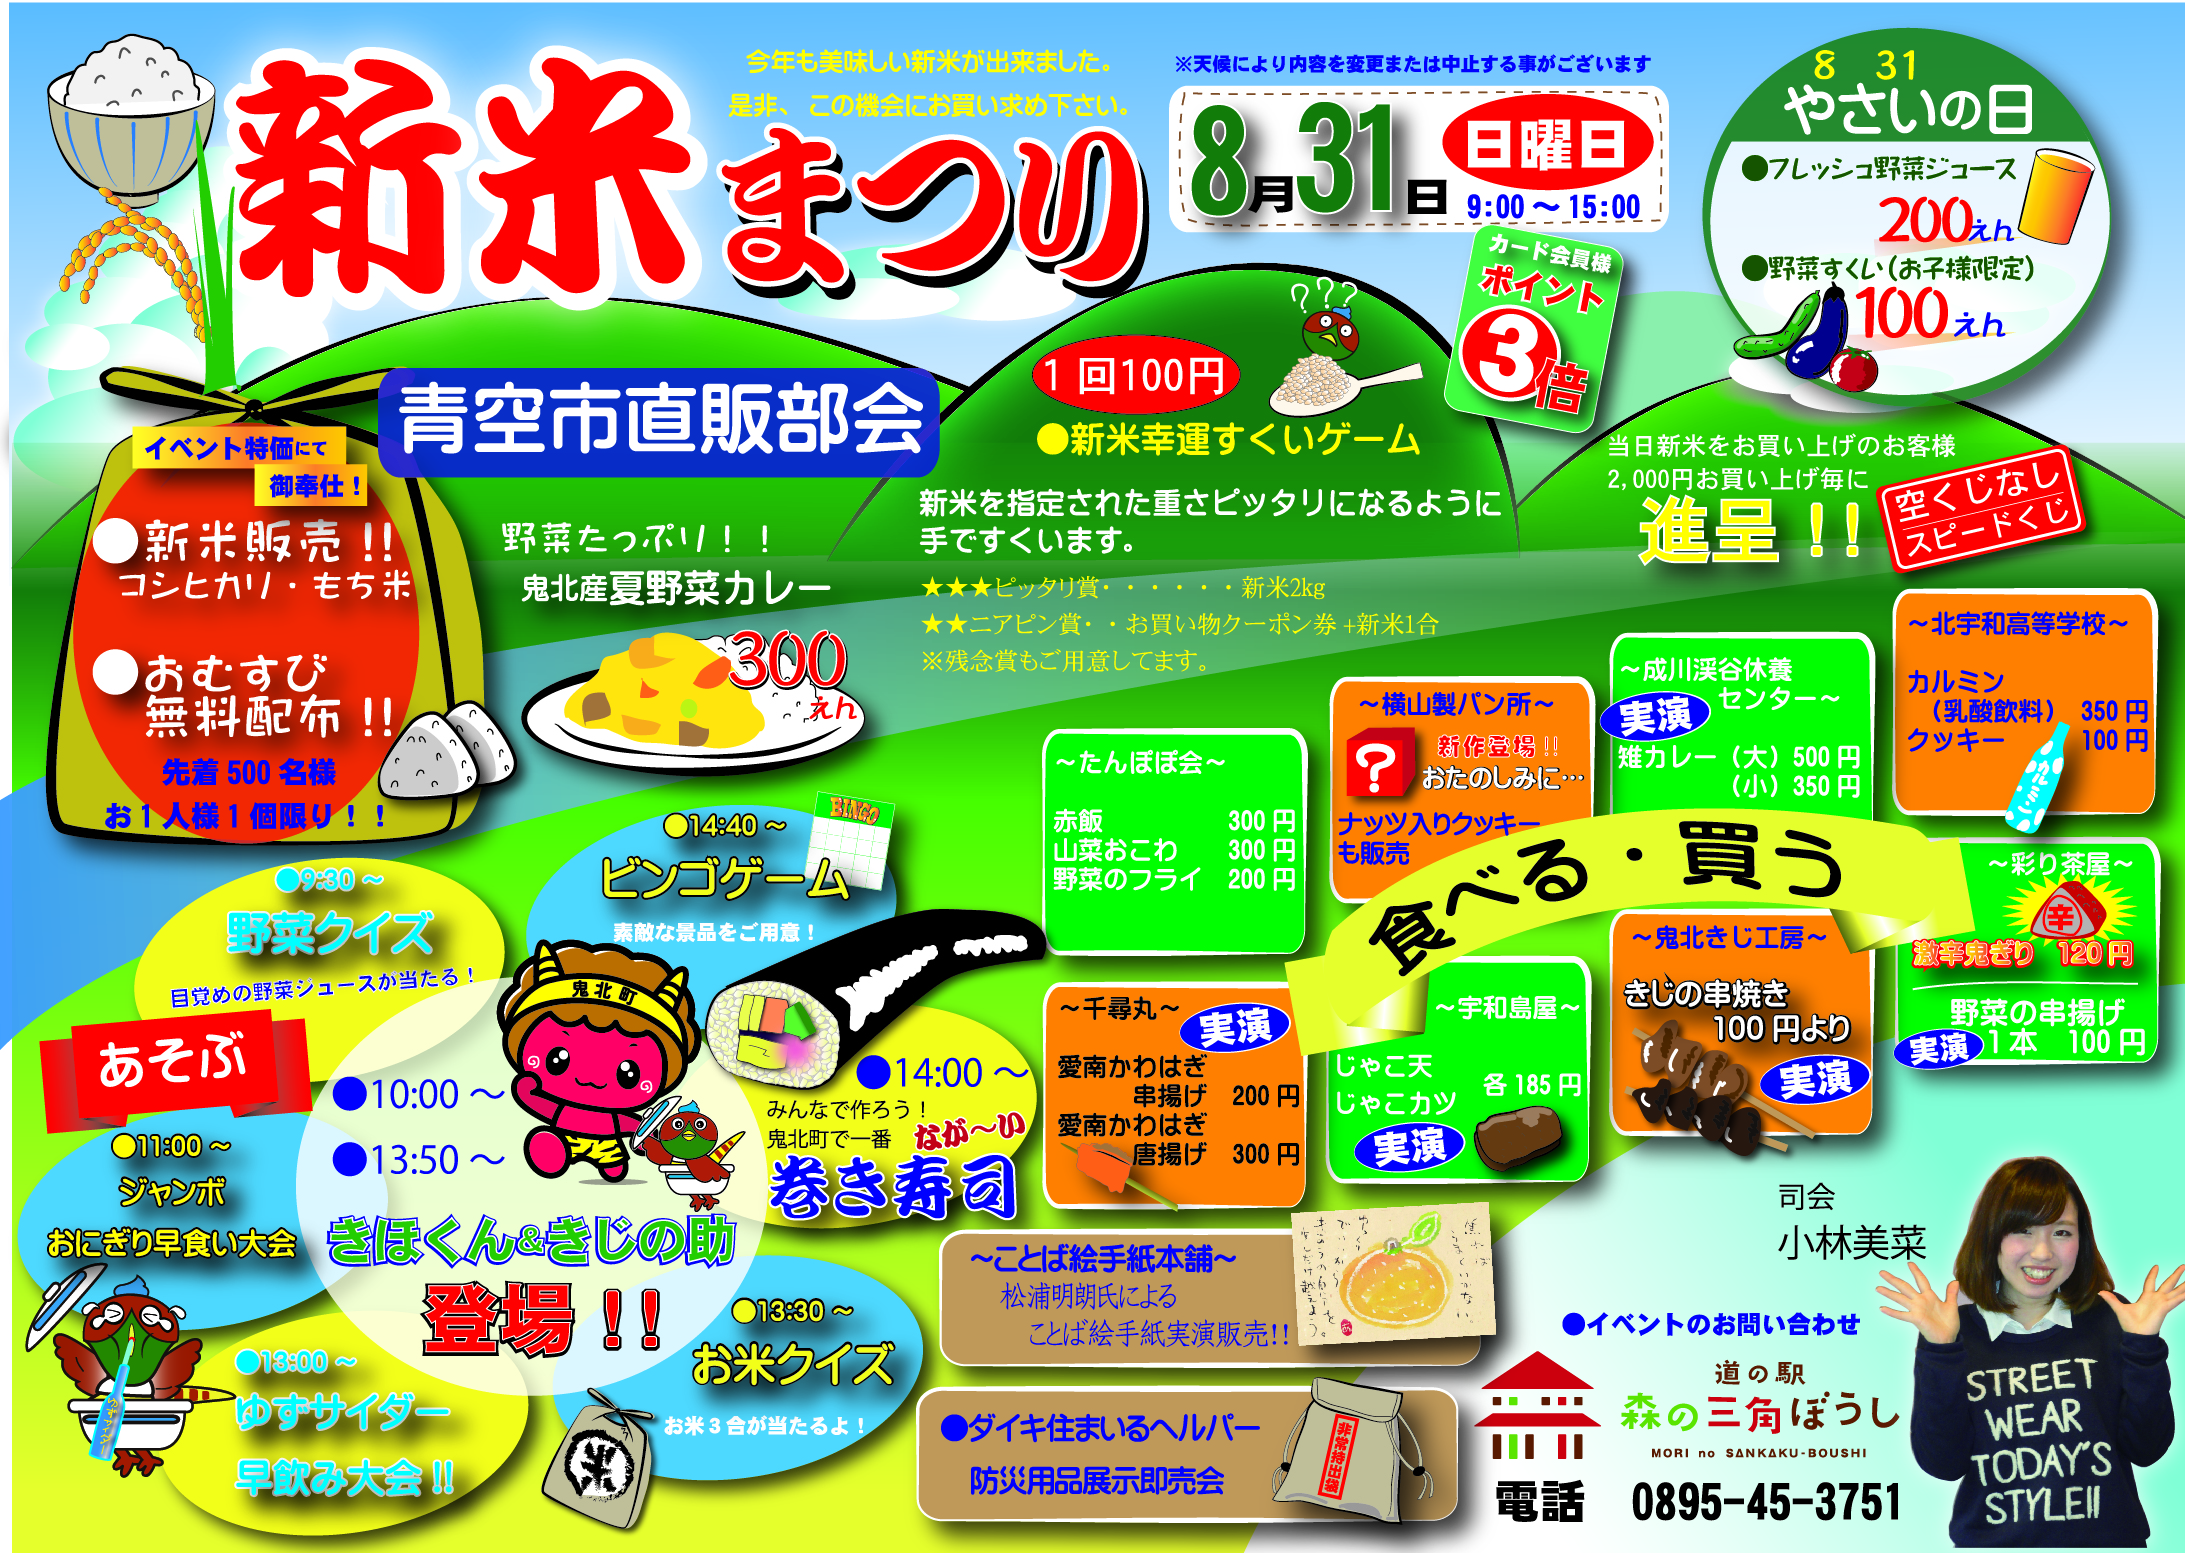 新米祭りチラシ_outline20140817_1-01.jpg